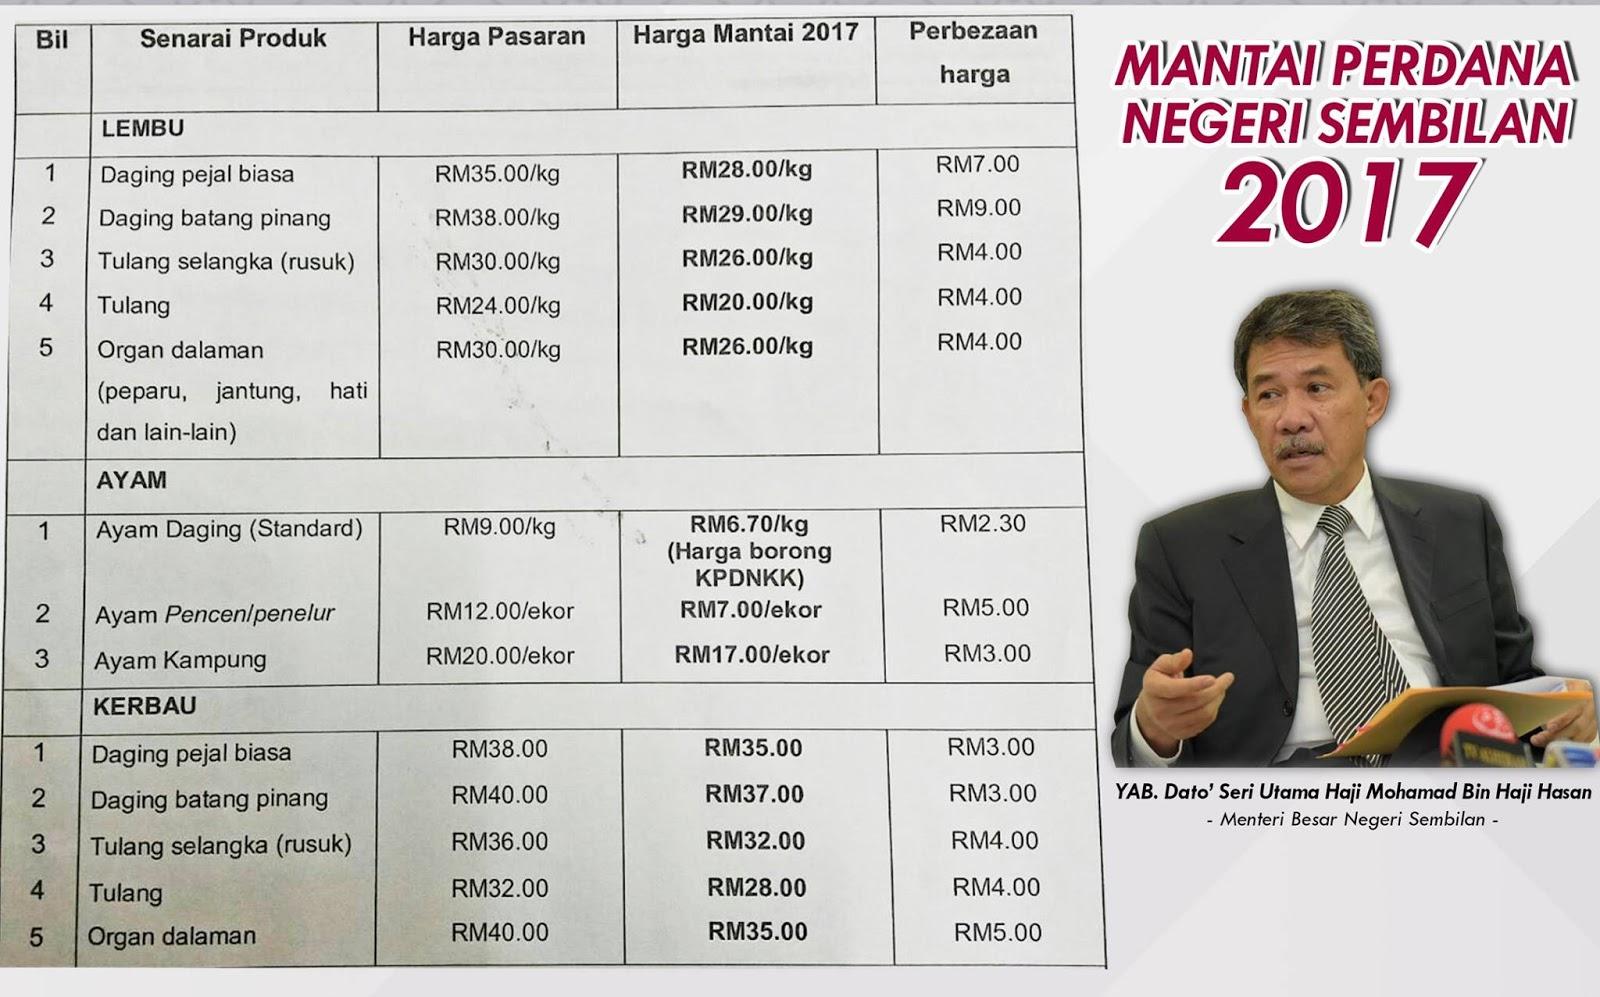 Mantai Perdana Negeri Sembilan 2017